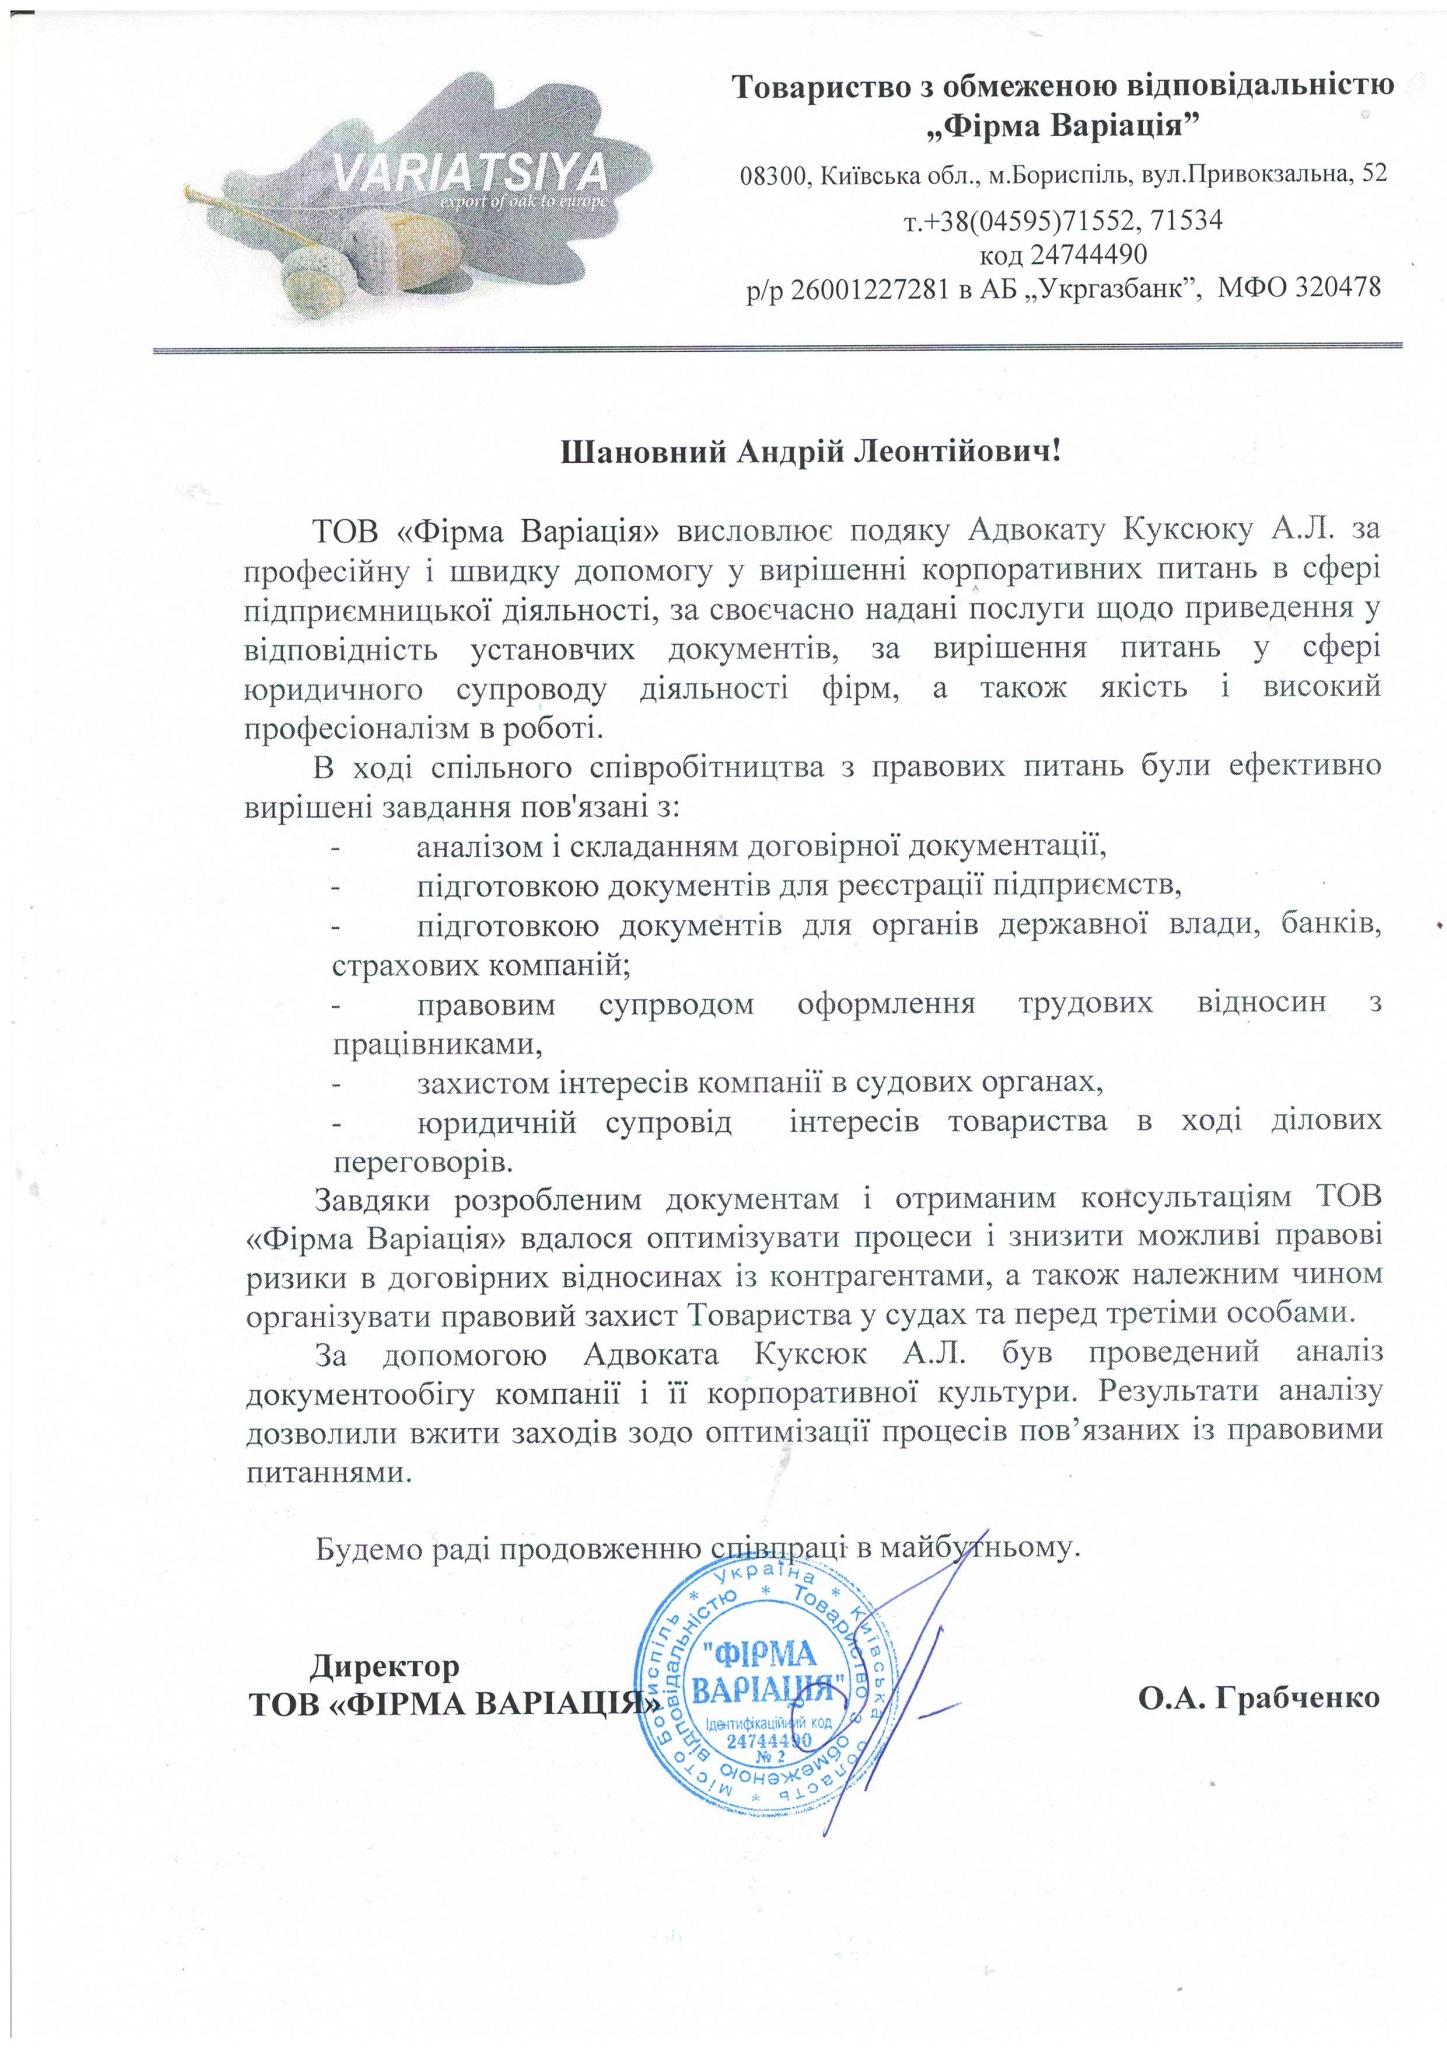 Рекомендательное письмо от Общества с ограниченной ответственностью «ФИРМА ВАРИАЦИЯ»